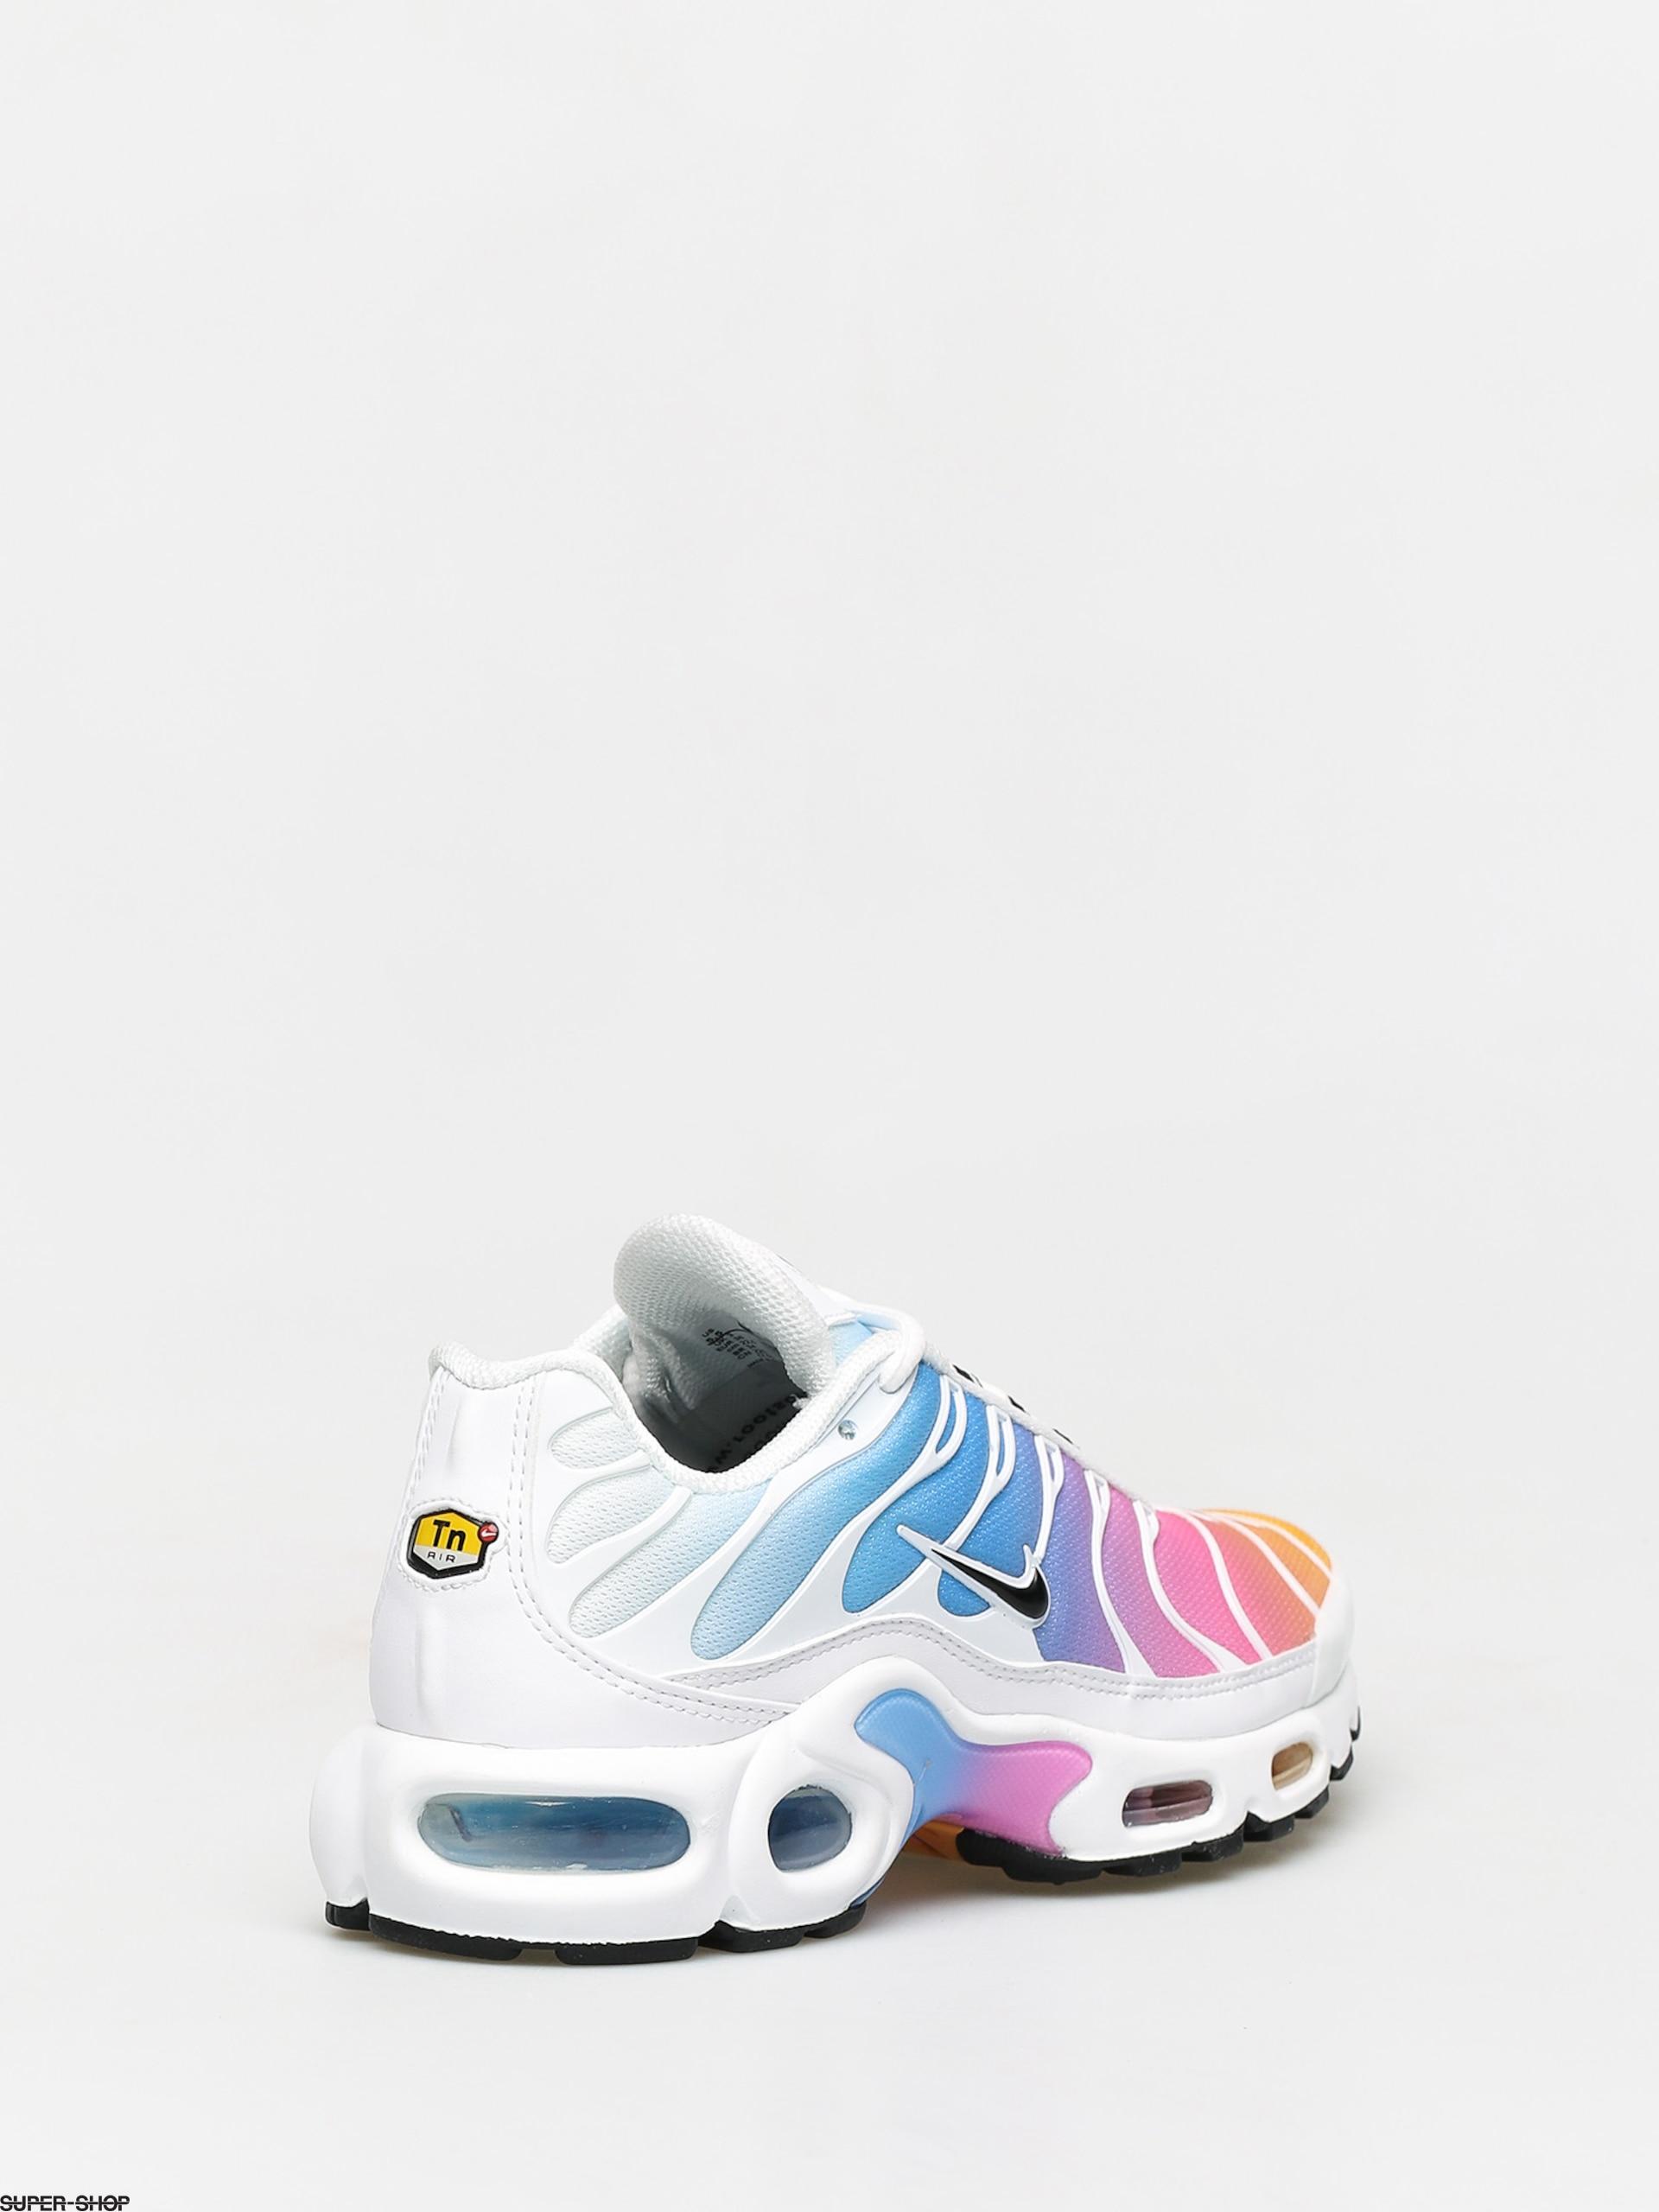 Nike Air Max Plus Wmn Shoes (white